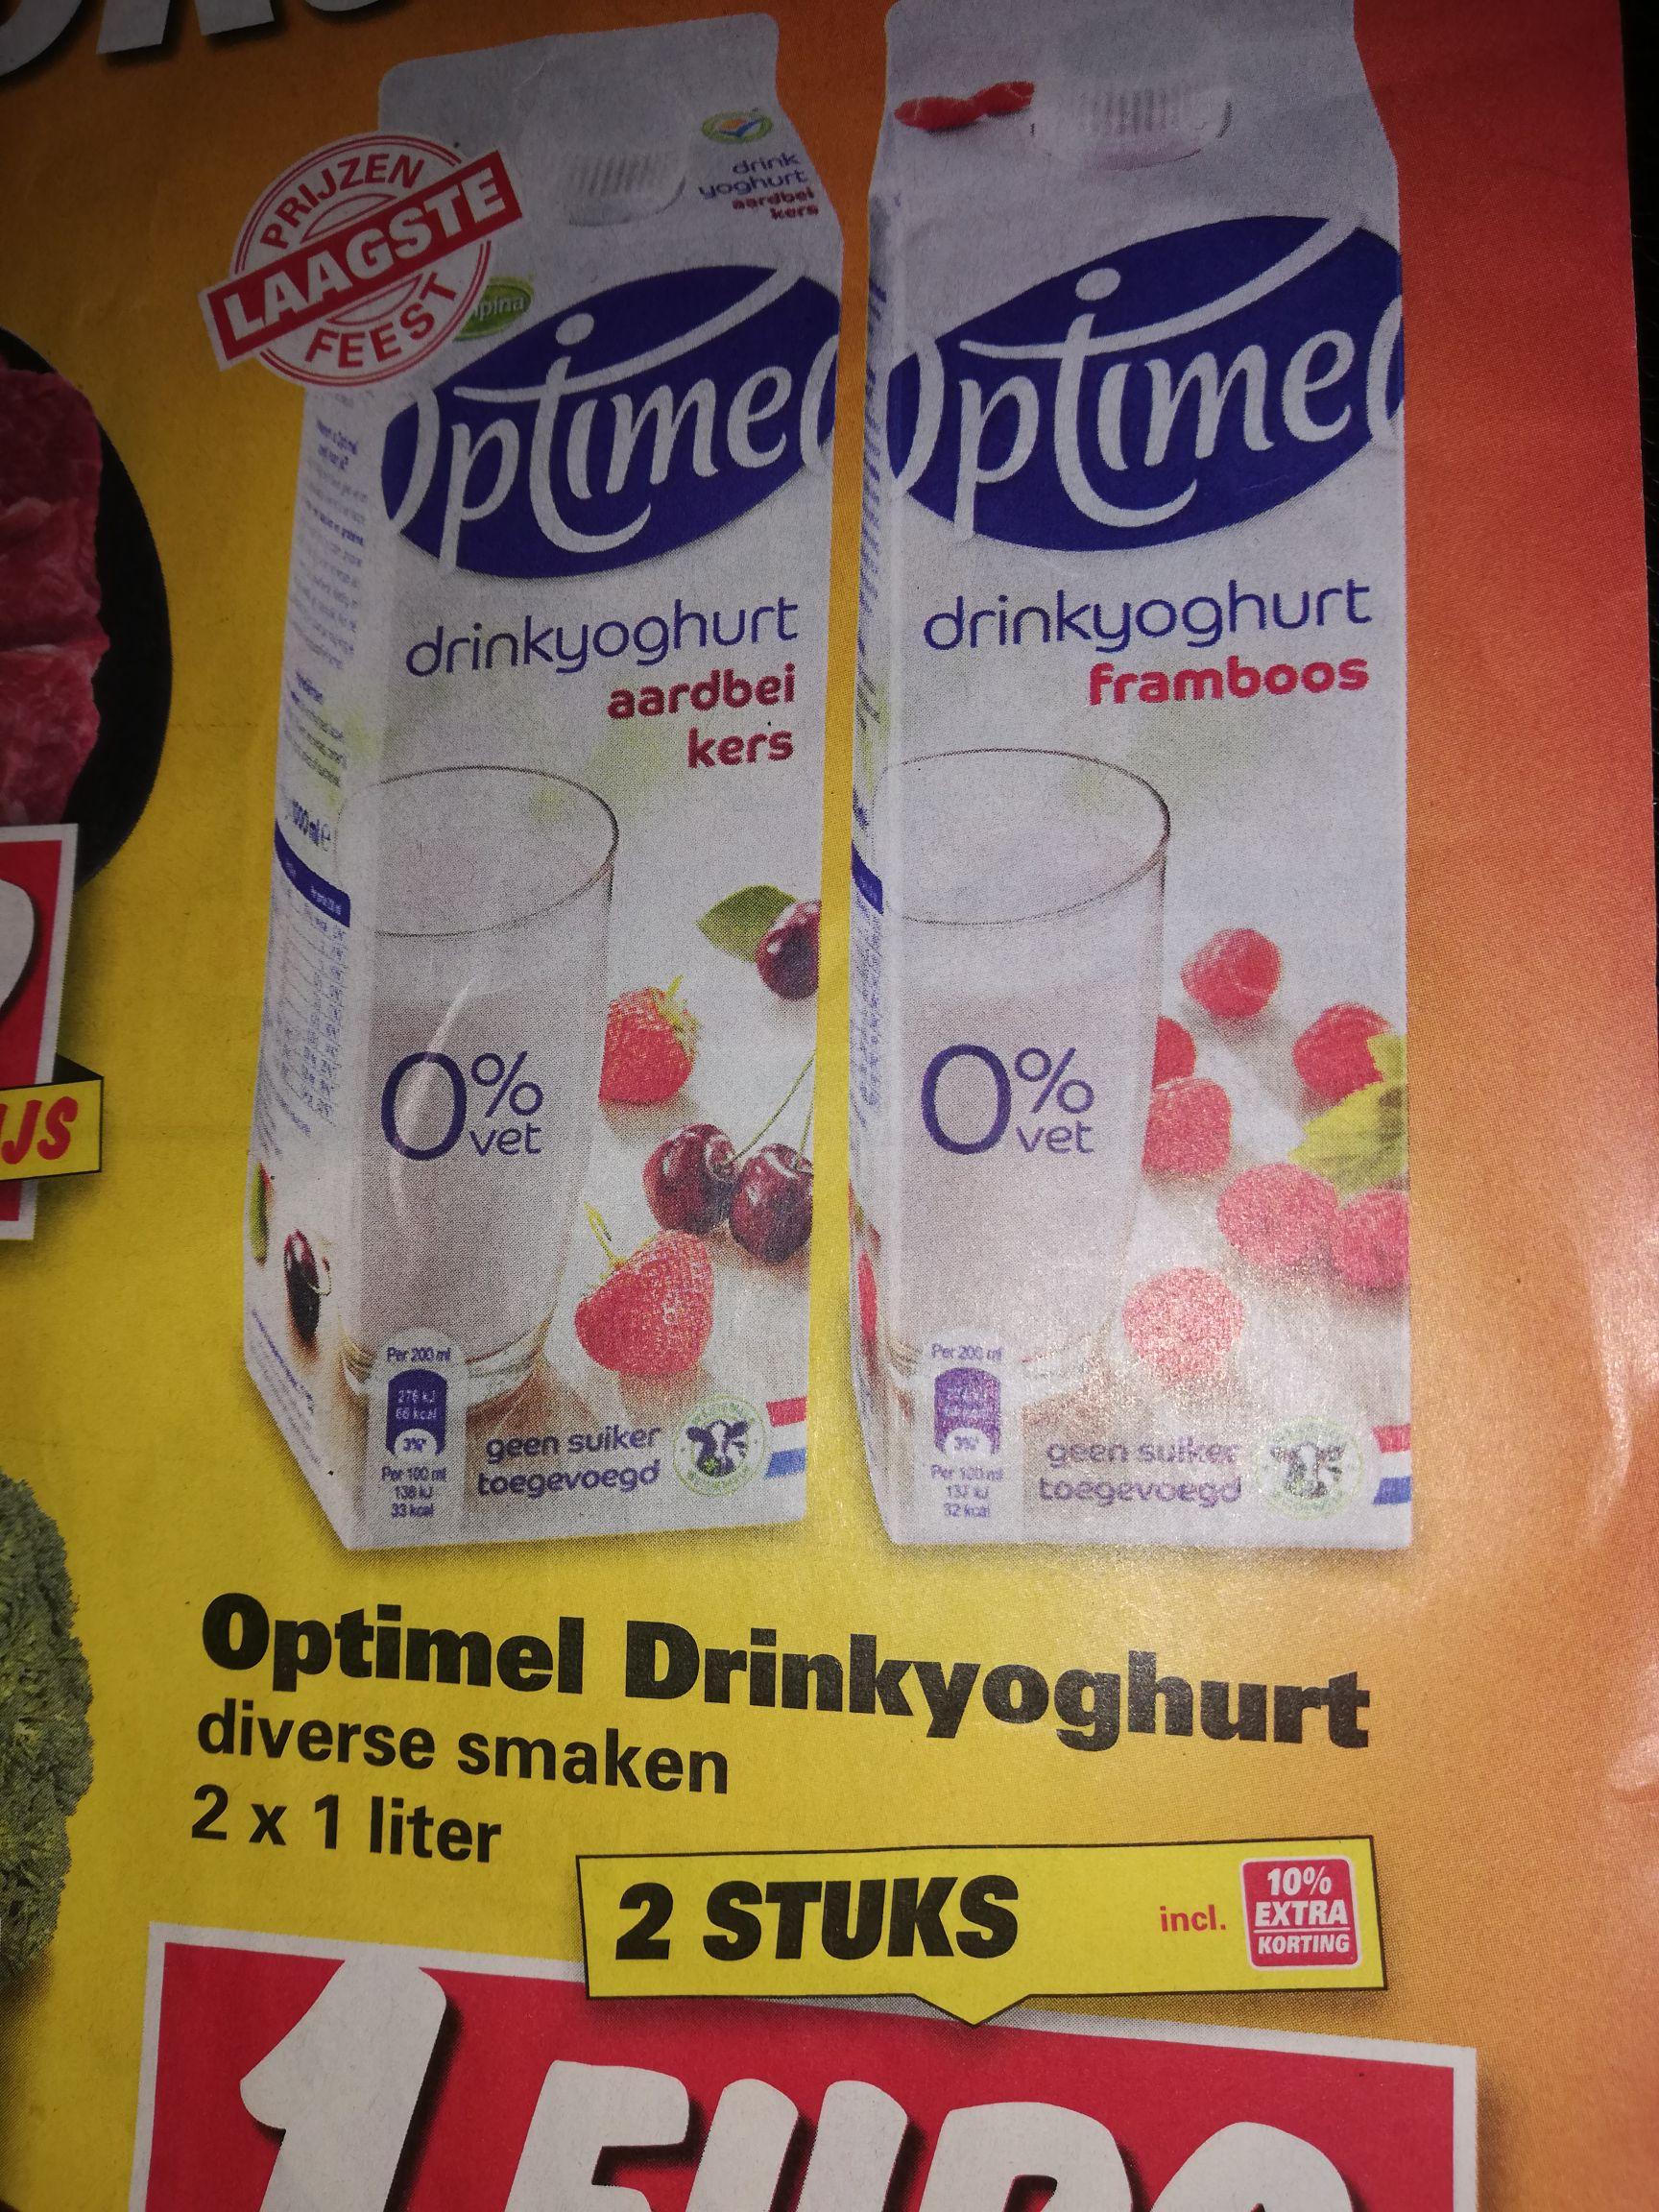 Optimel drinkyoghurt 2voor 1 euro en eieren voor 0.79cent